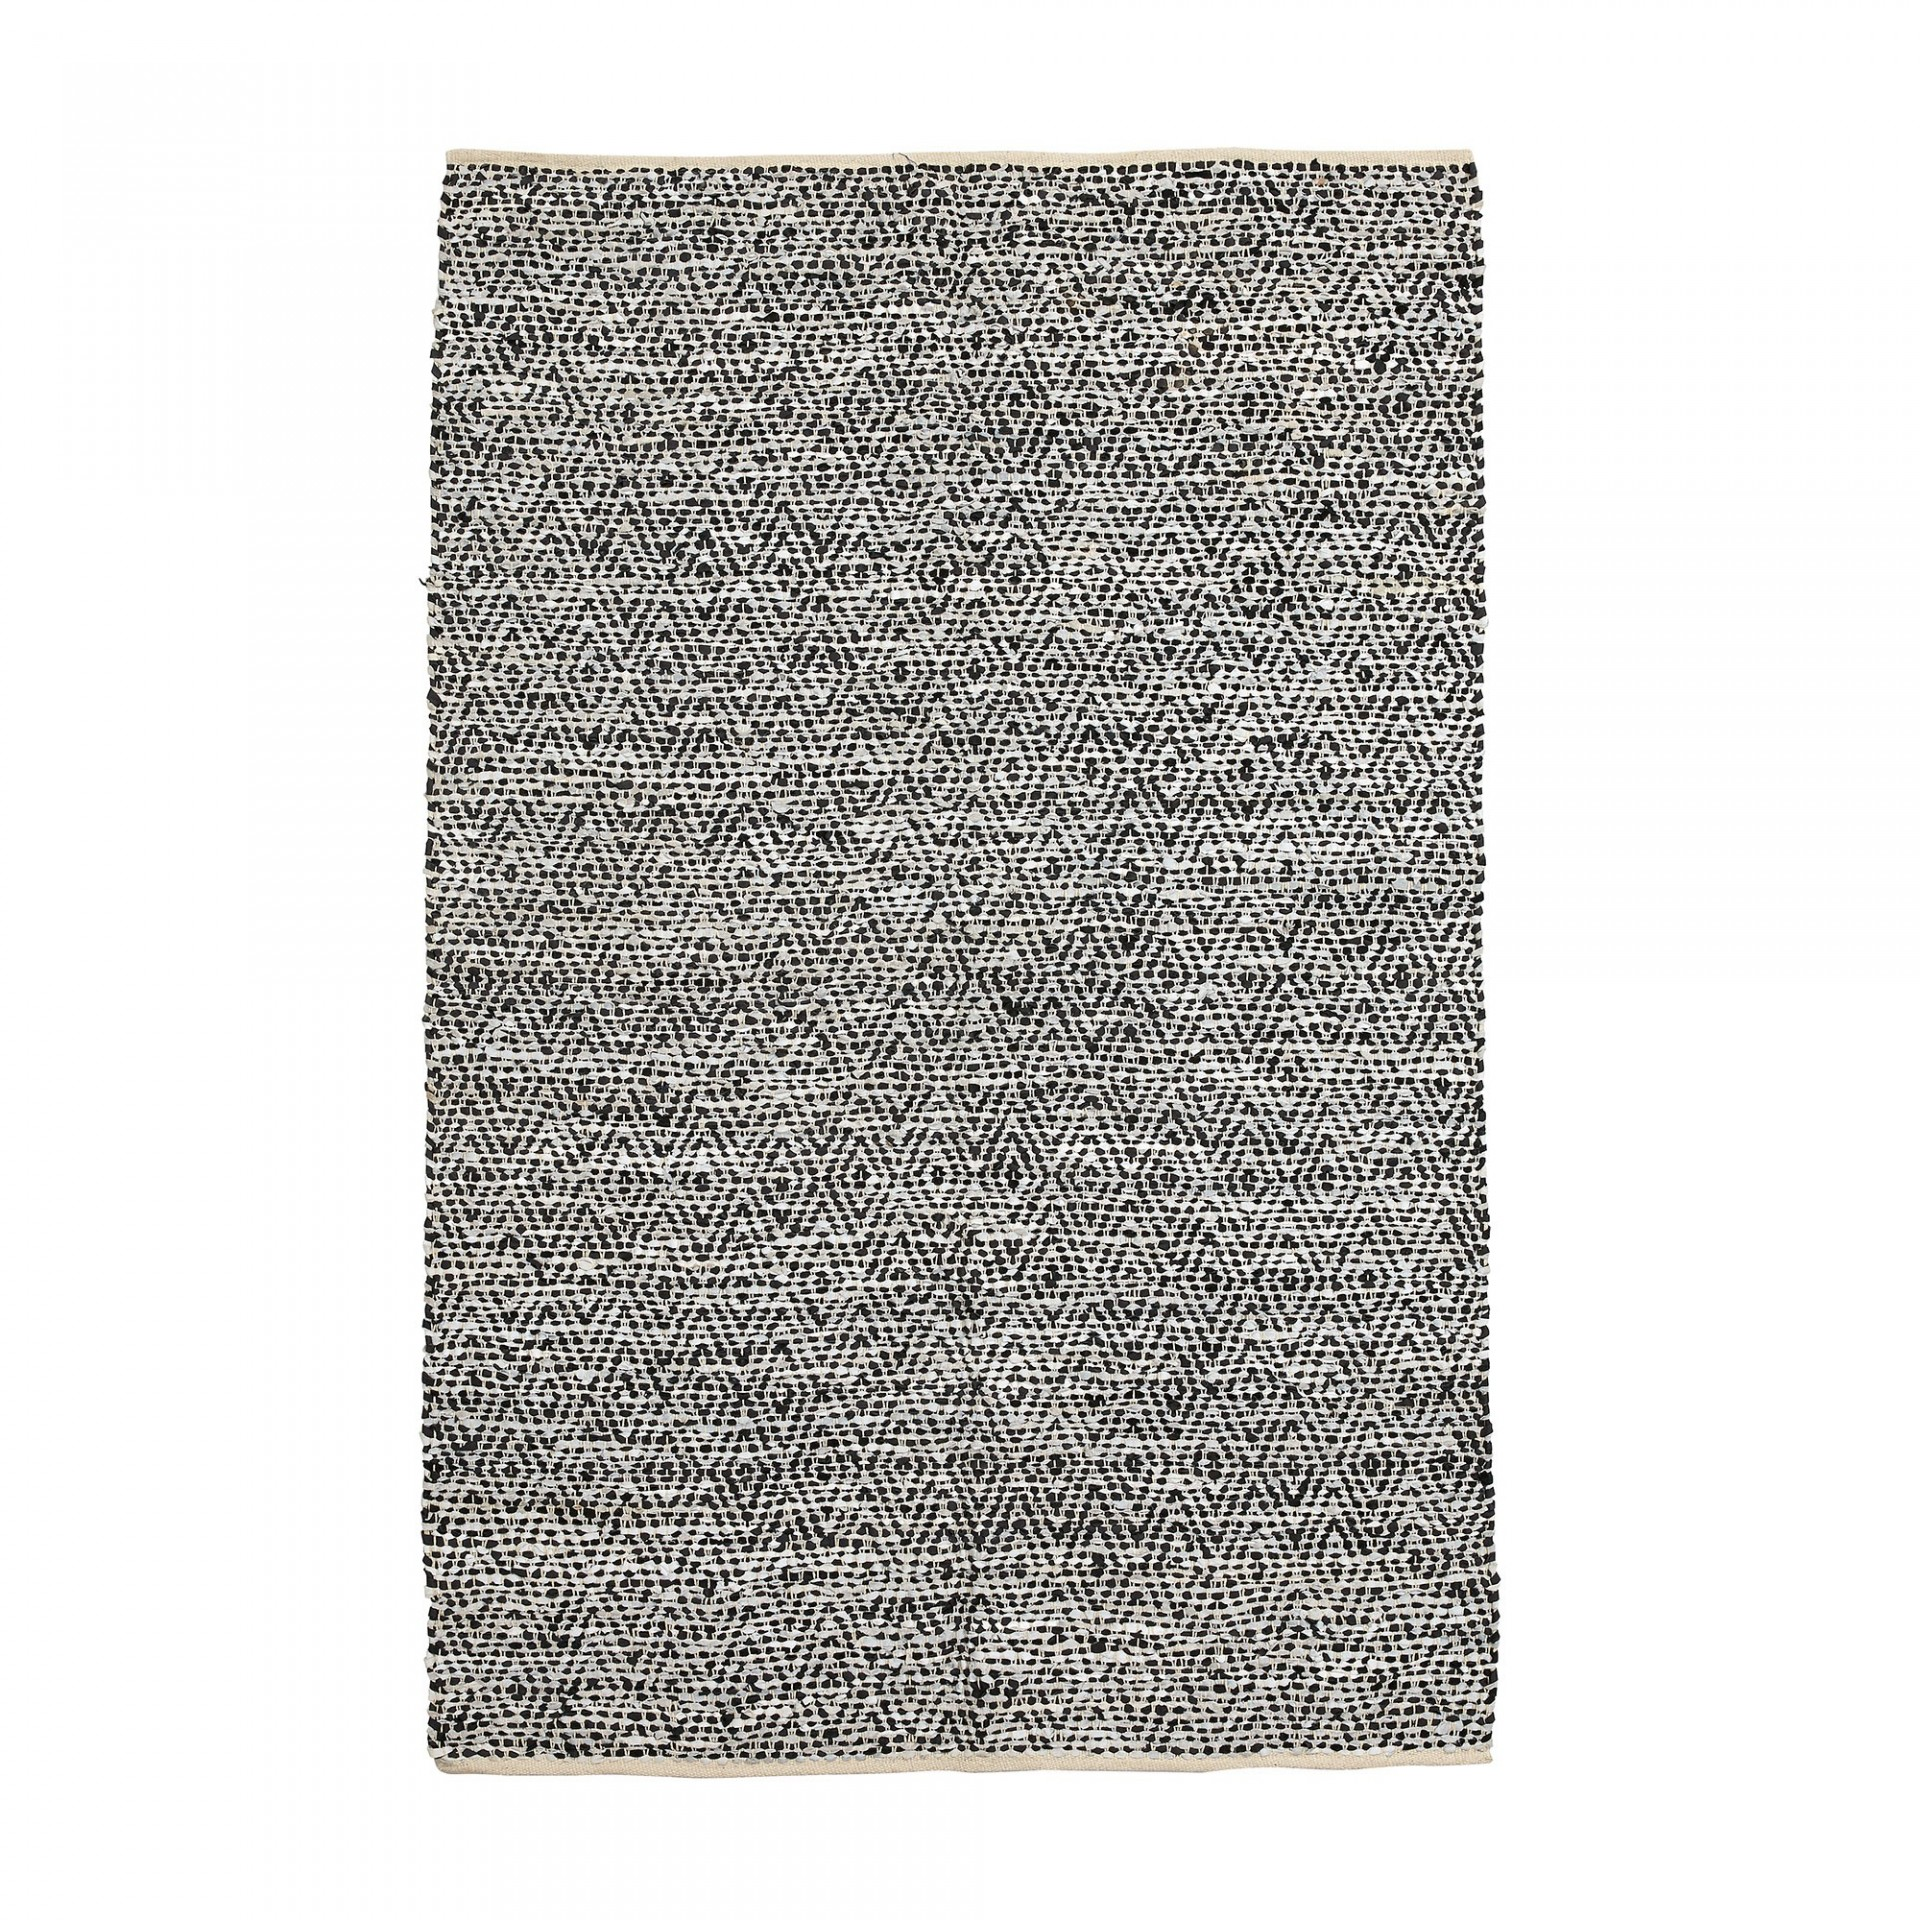 Tapete Agne, ecológico, couro reciclado, 160x230 cm